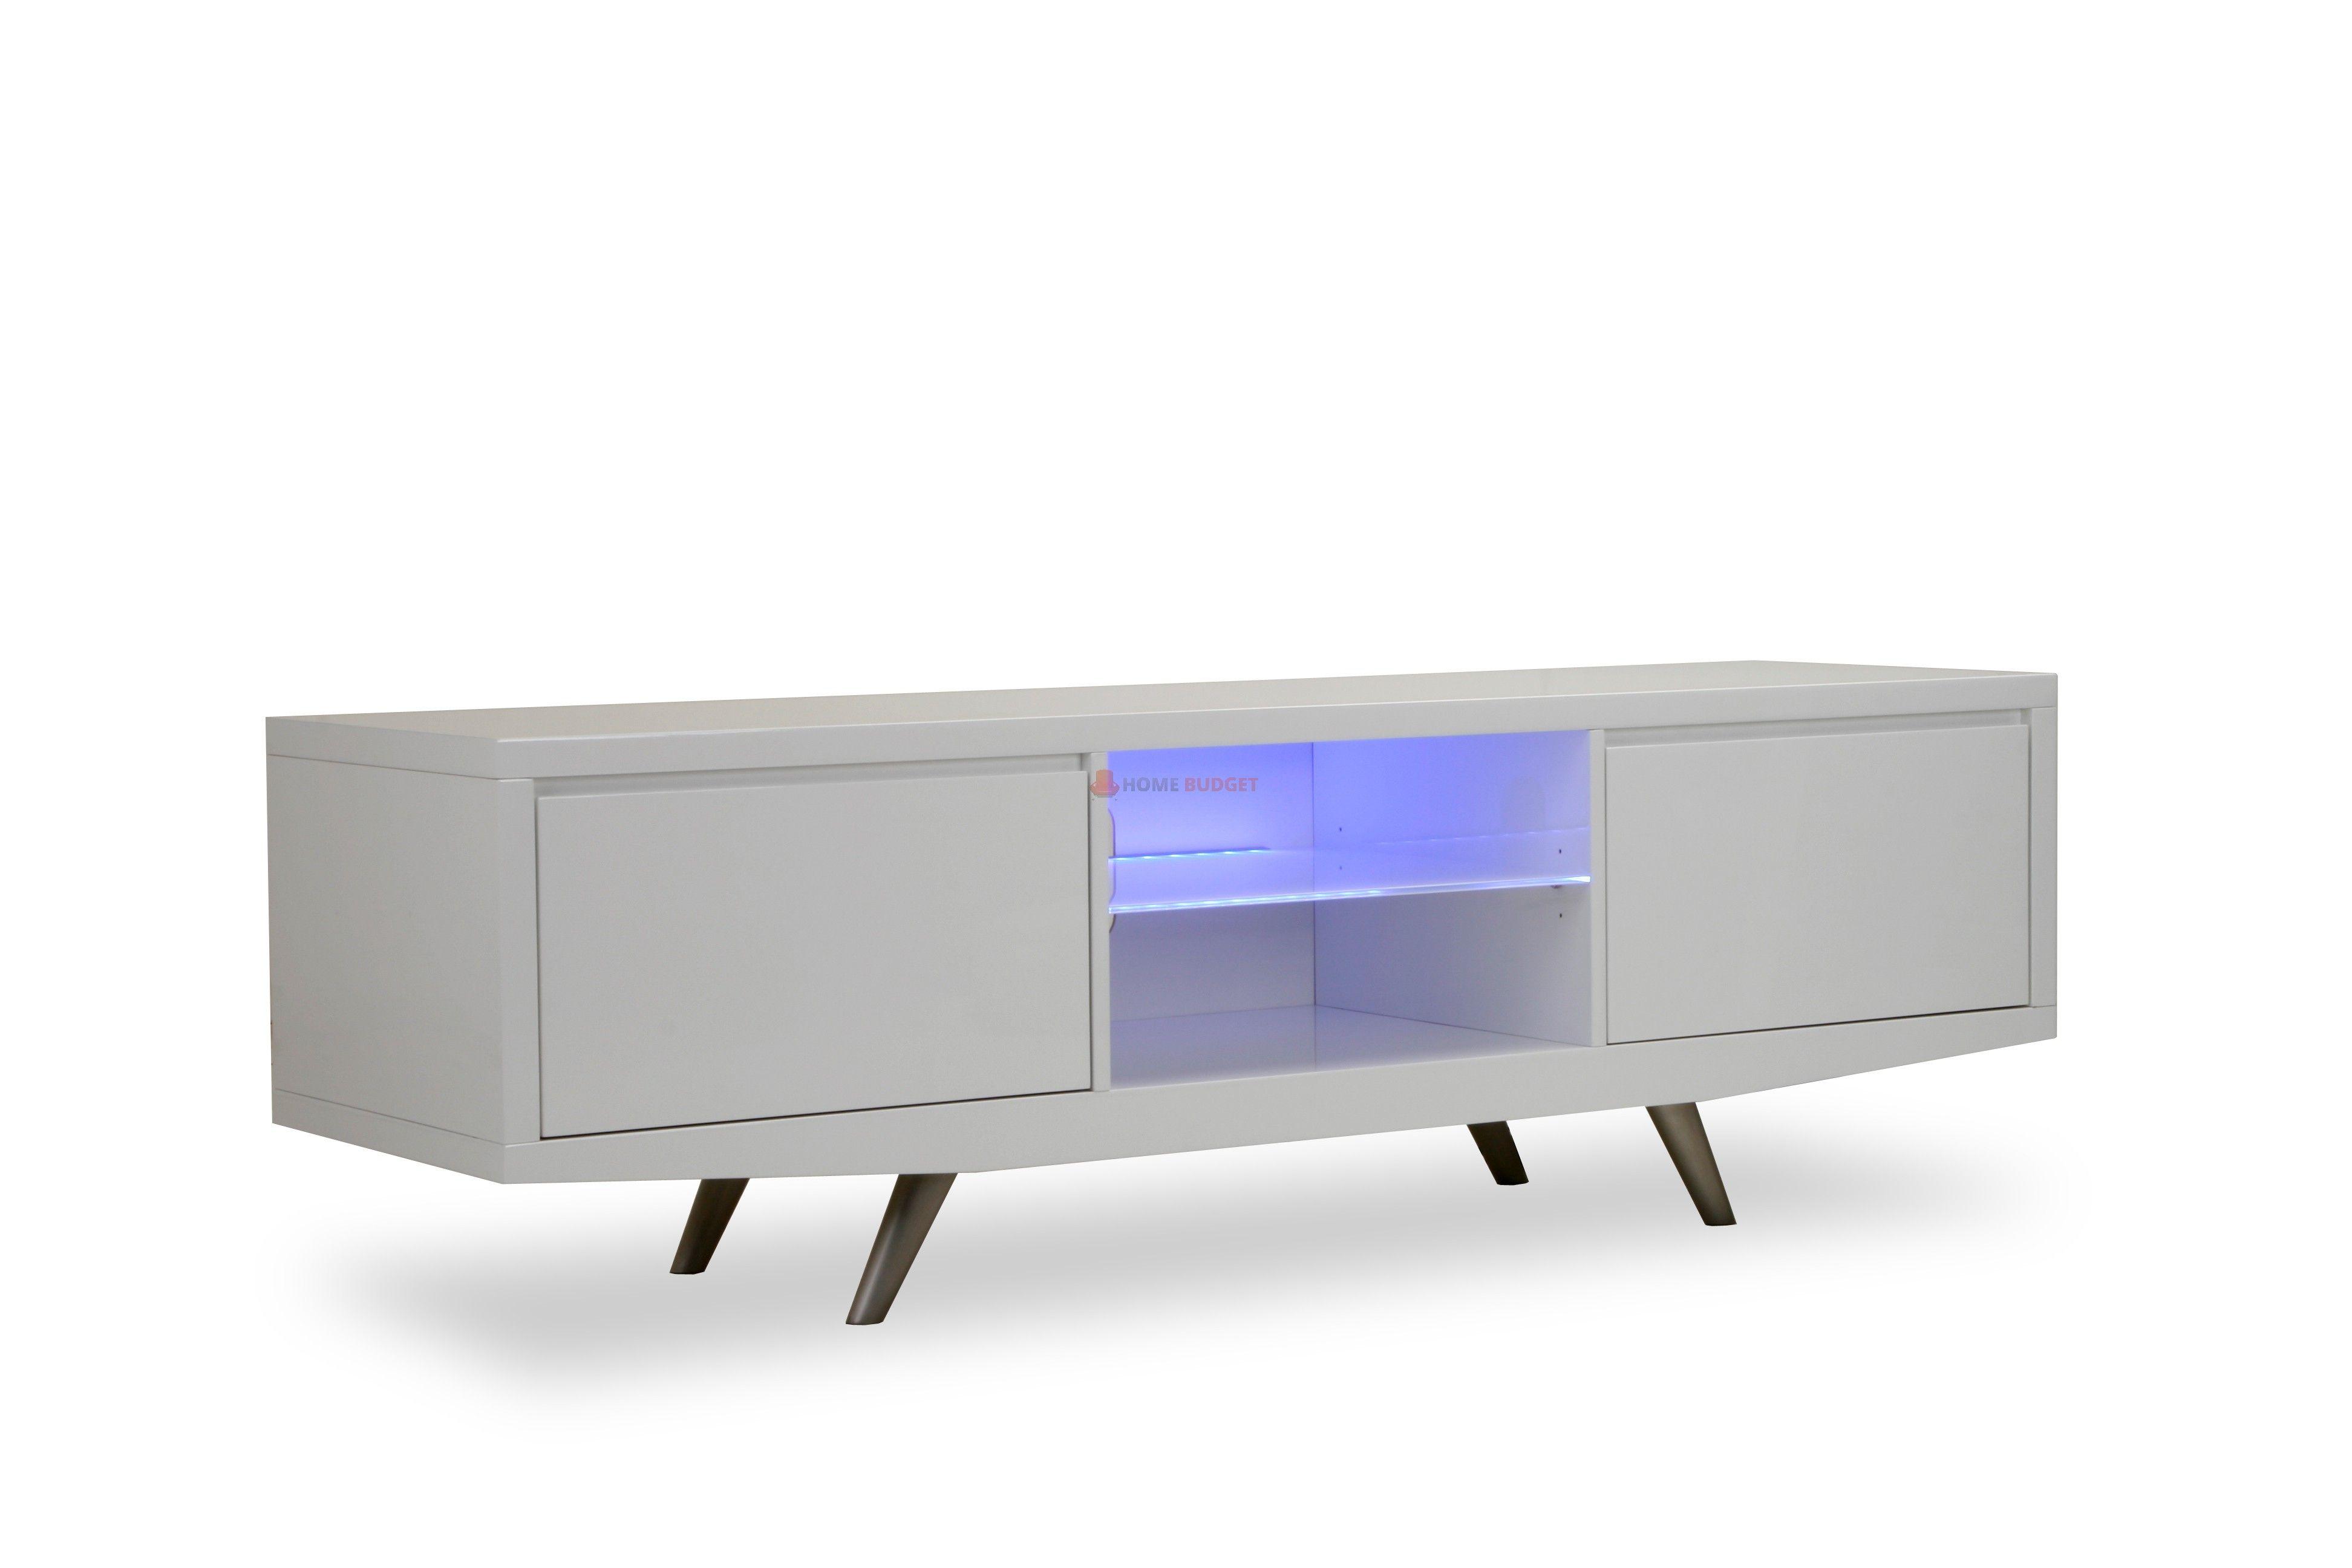 Karat Tv Meubel : Tv meubel tv meubel